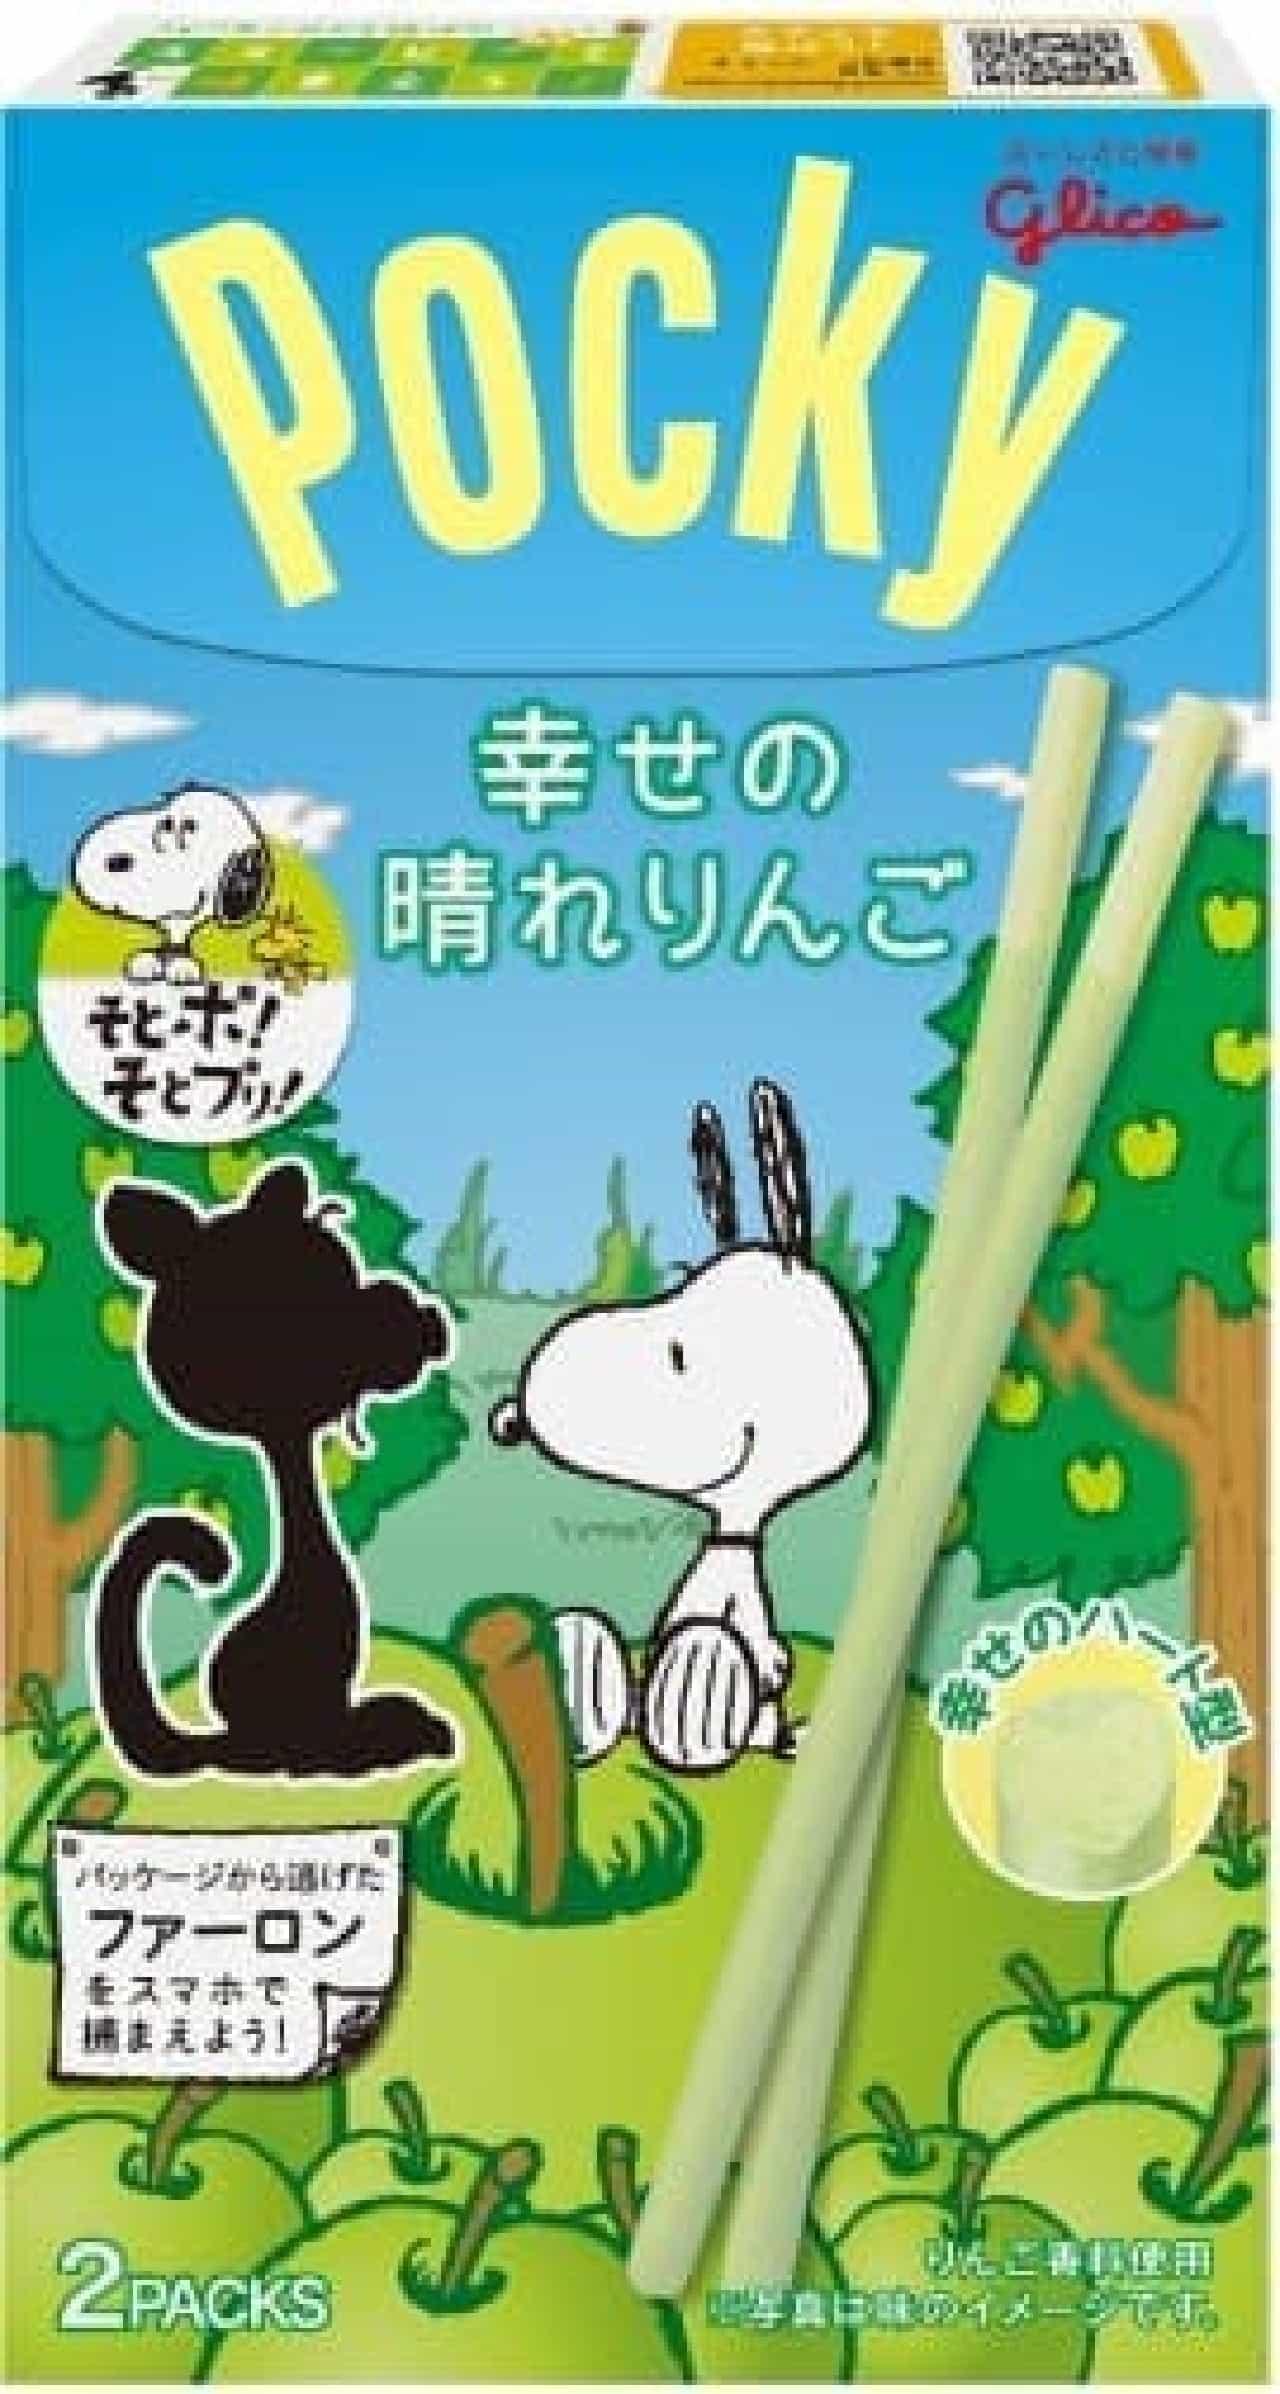 江崎グリコ「ポッキー<幸せの晴れりんご>」